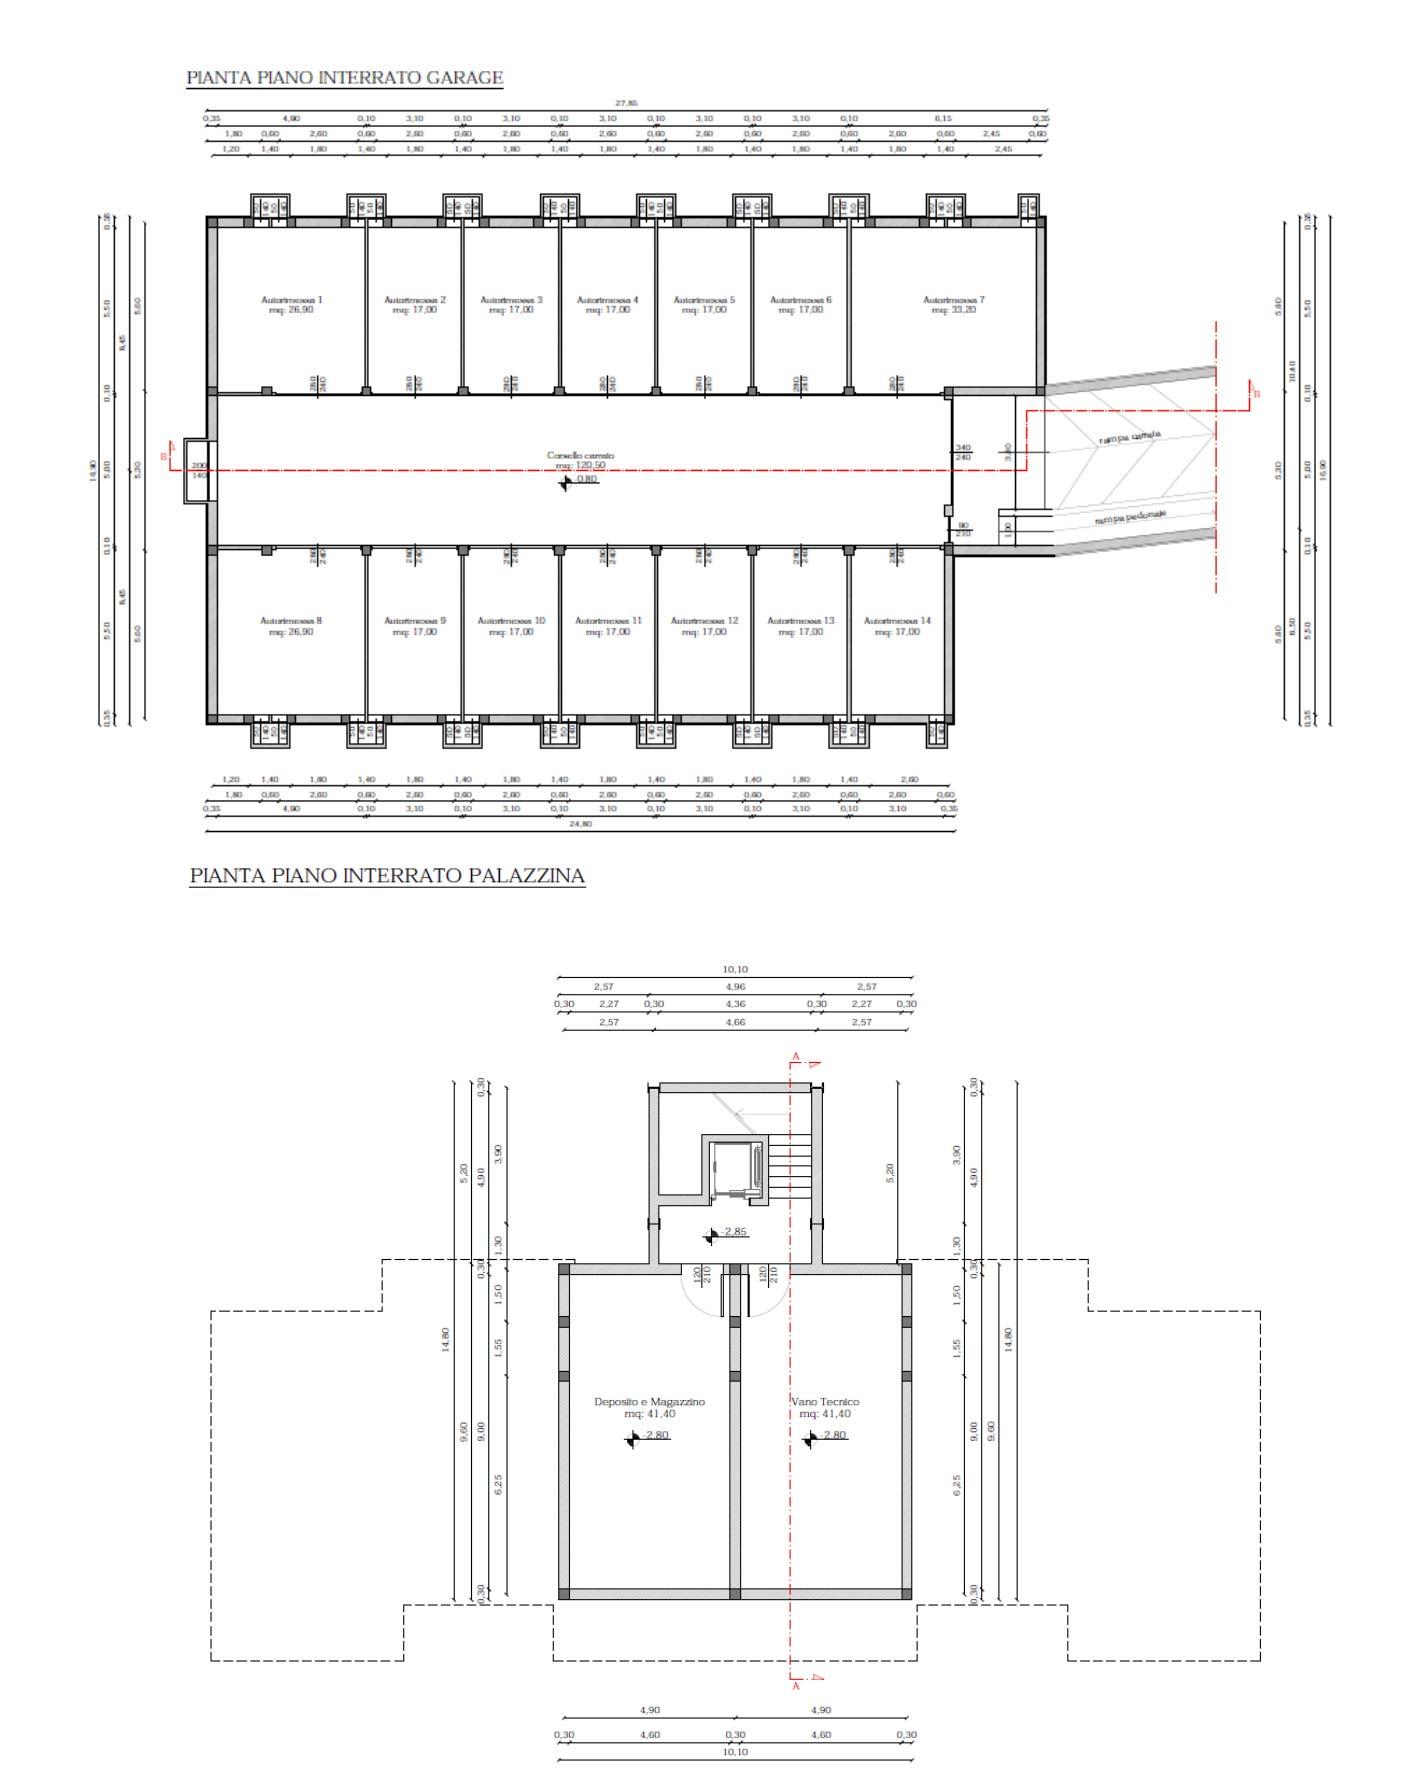 Appartamenti in vendita Peschiera del Garda - Impresa Edile dal Prà Nicola